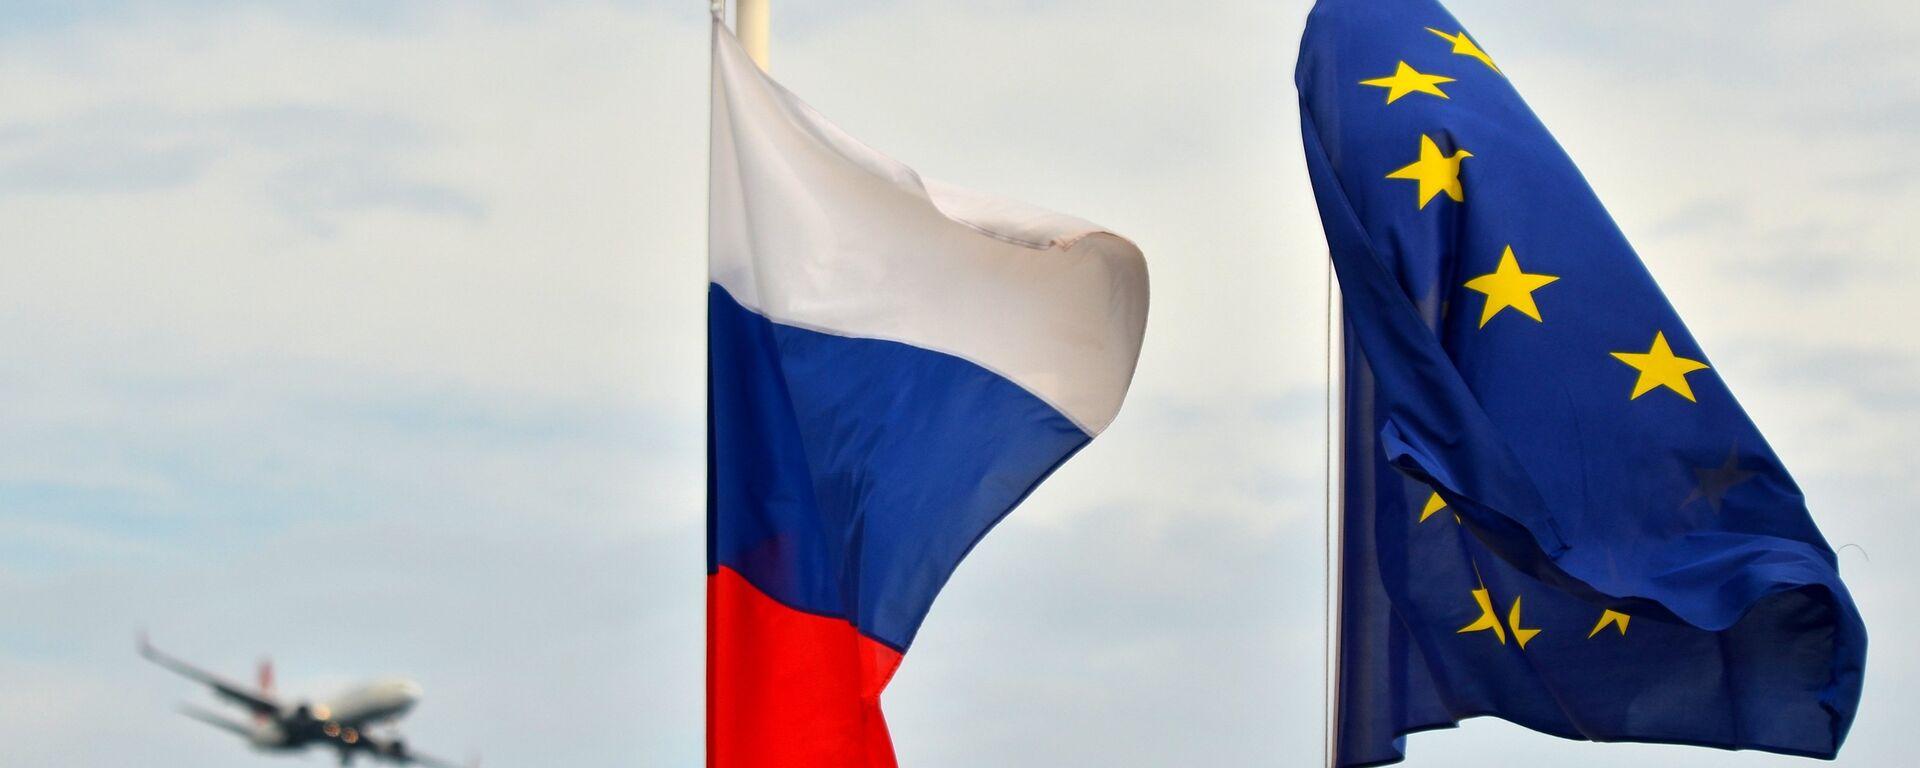 Bandiere della Russia e della UE - Sputnik Italia, 1920, 03.05.2021